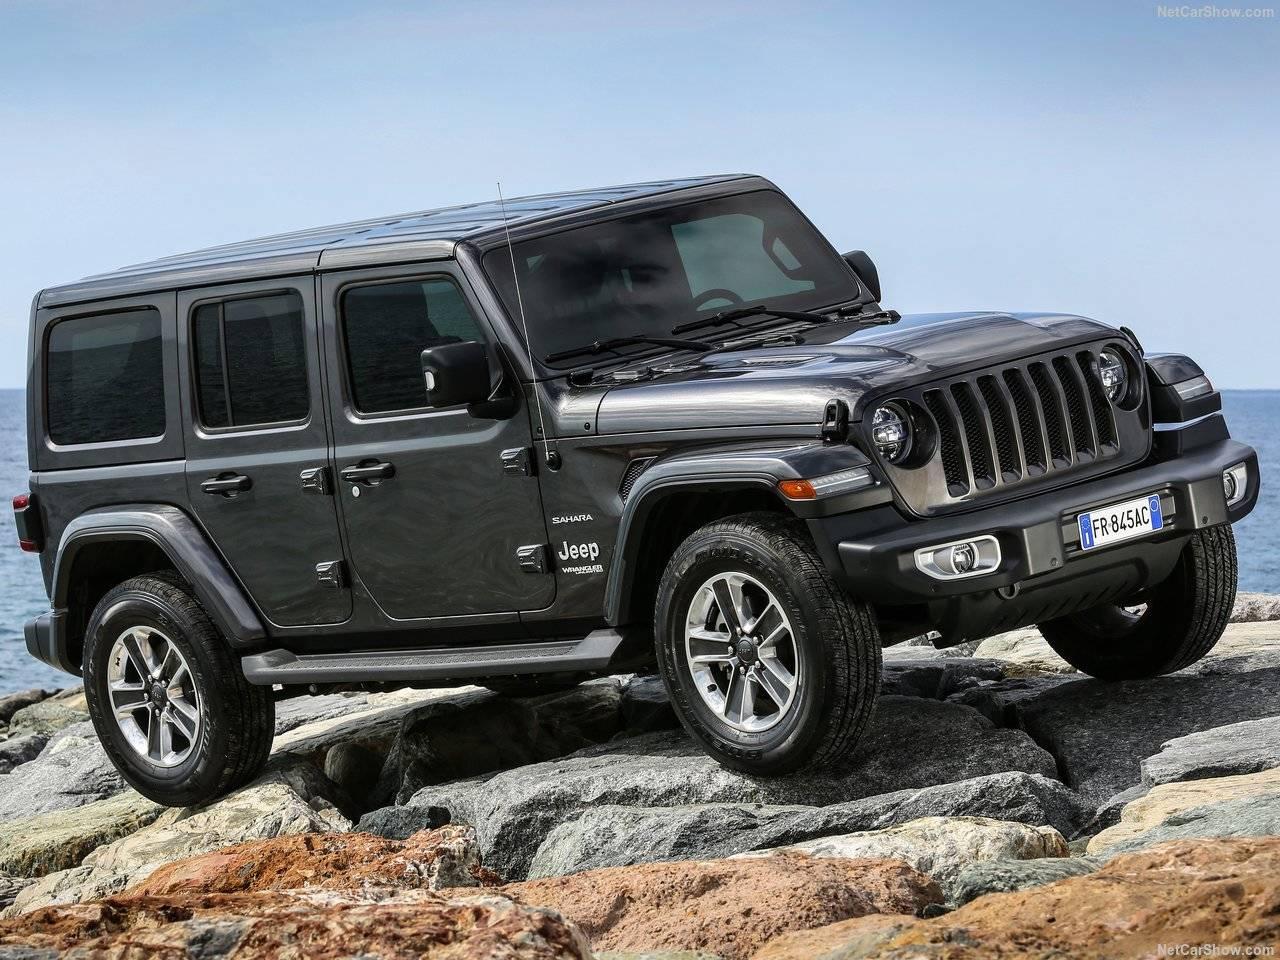 Jeep Wrangler (Unlimited)の2019バージョンが、発表されました!EUからの発進になりそうです。